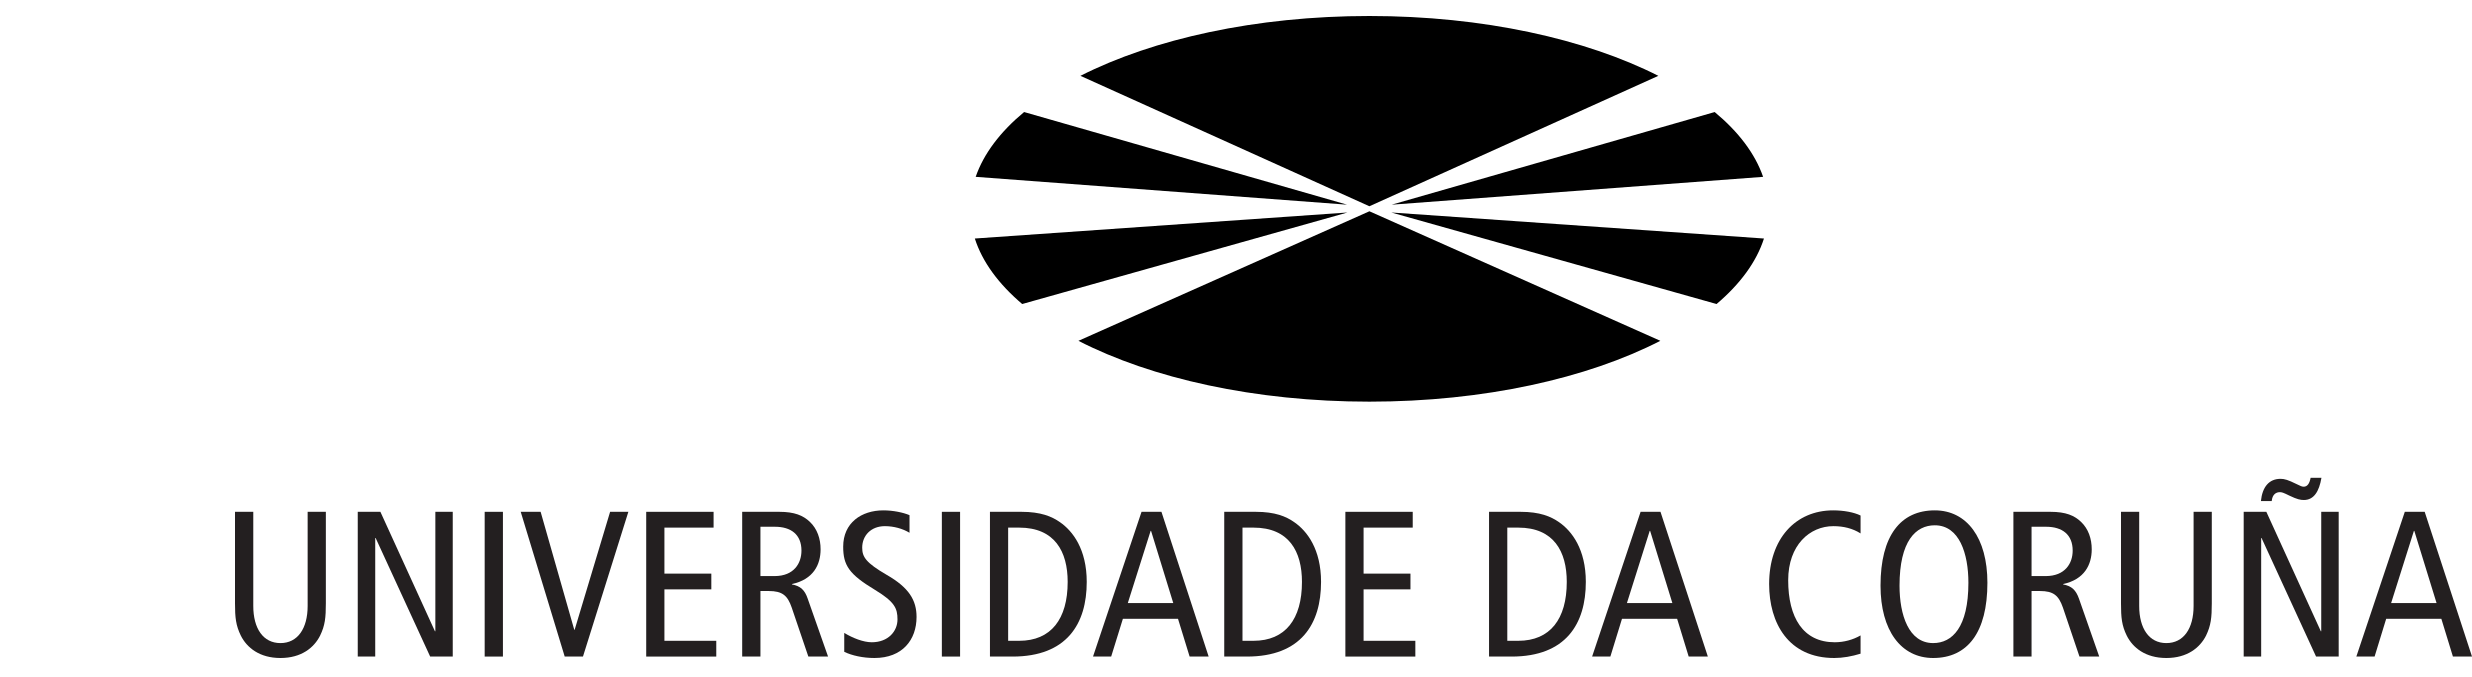 A Corua University Logotype